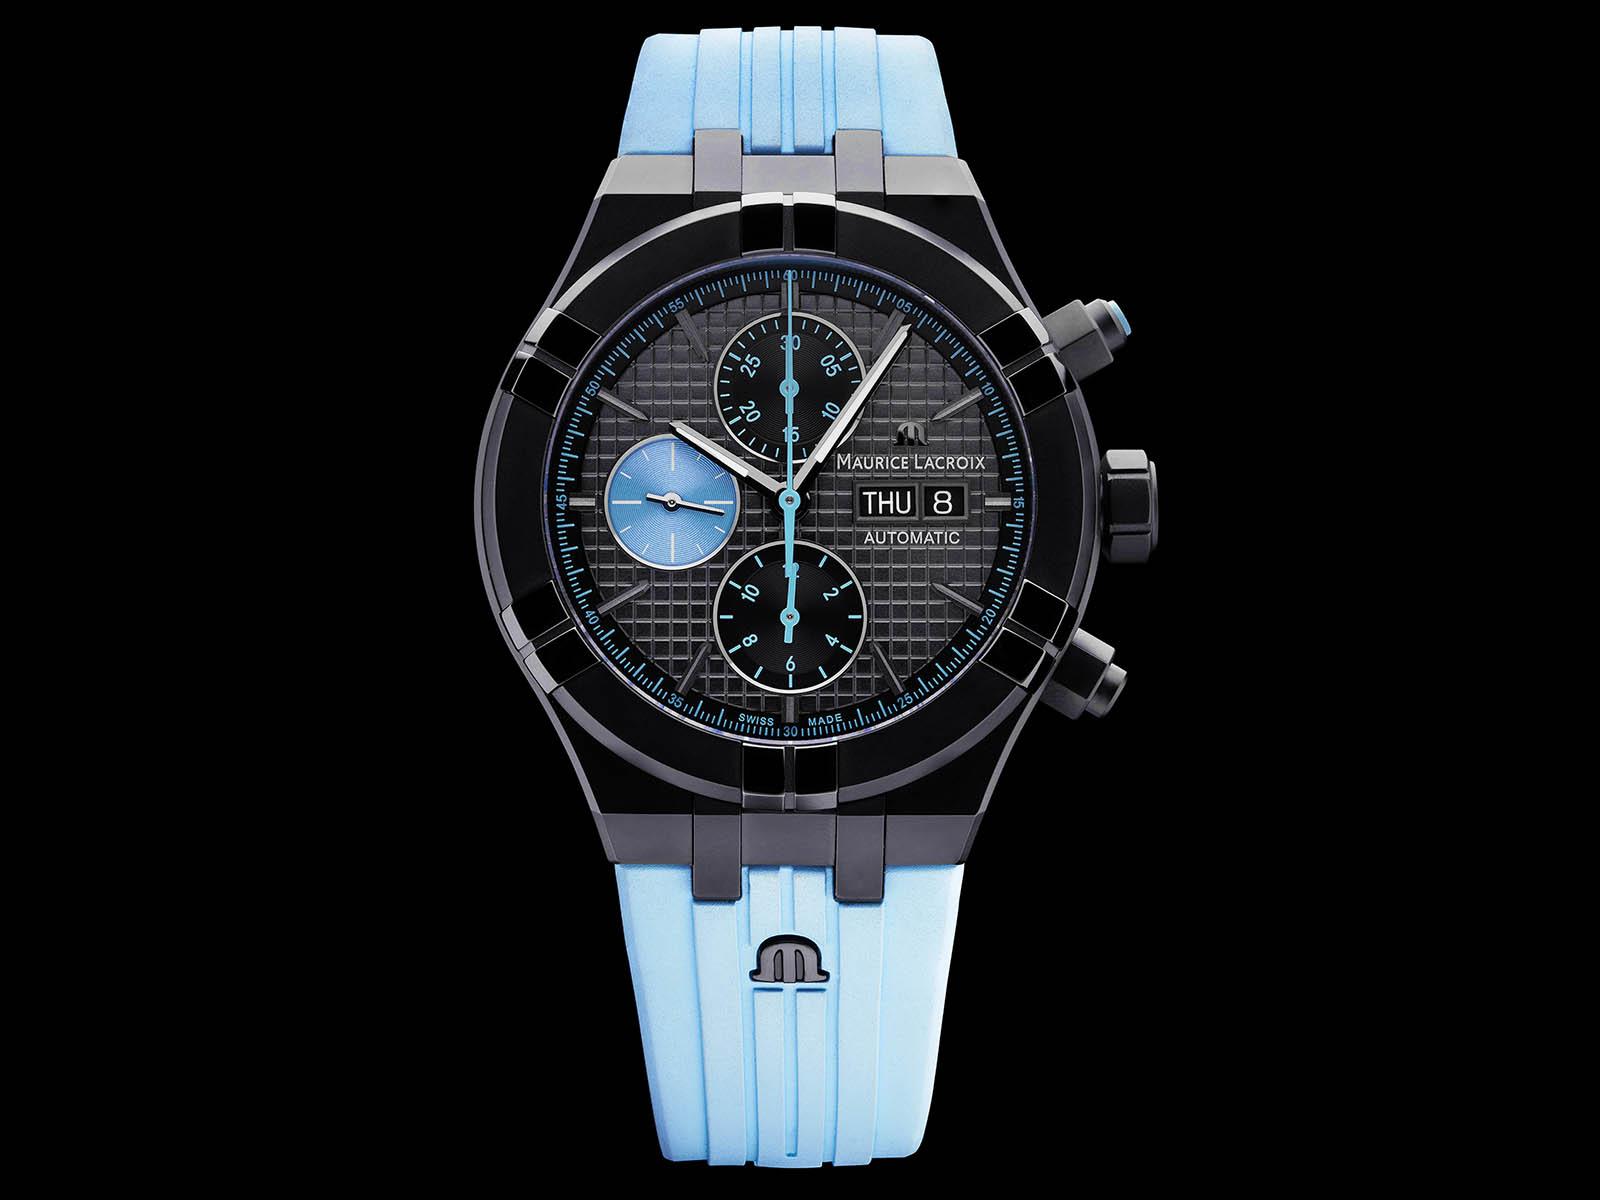 ai6038-dlb01-330-4-maurice-lacroix-aikon-automatic-chronograph-sprint-5.jpg